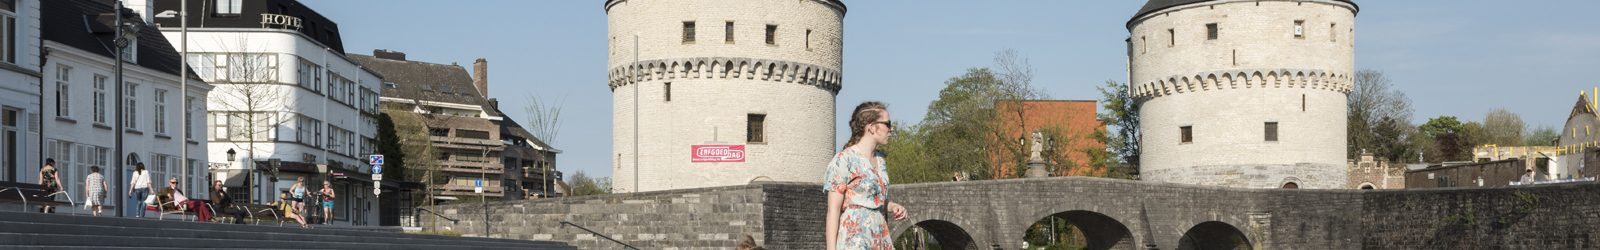 Kortrijk heeft mooiste publieke ruimte van Vlaanderen